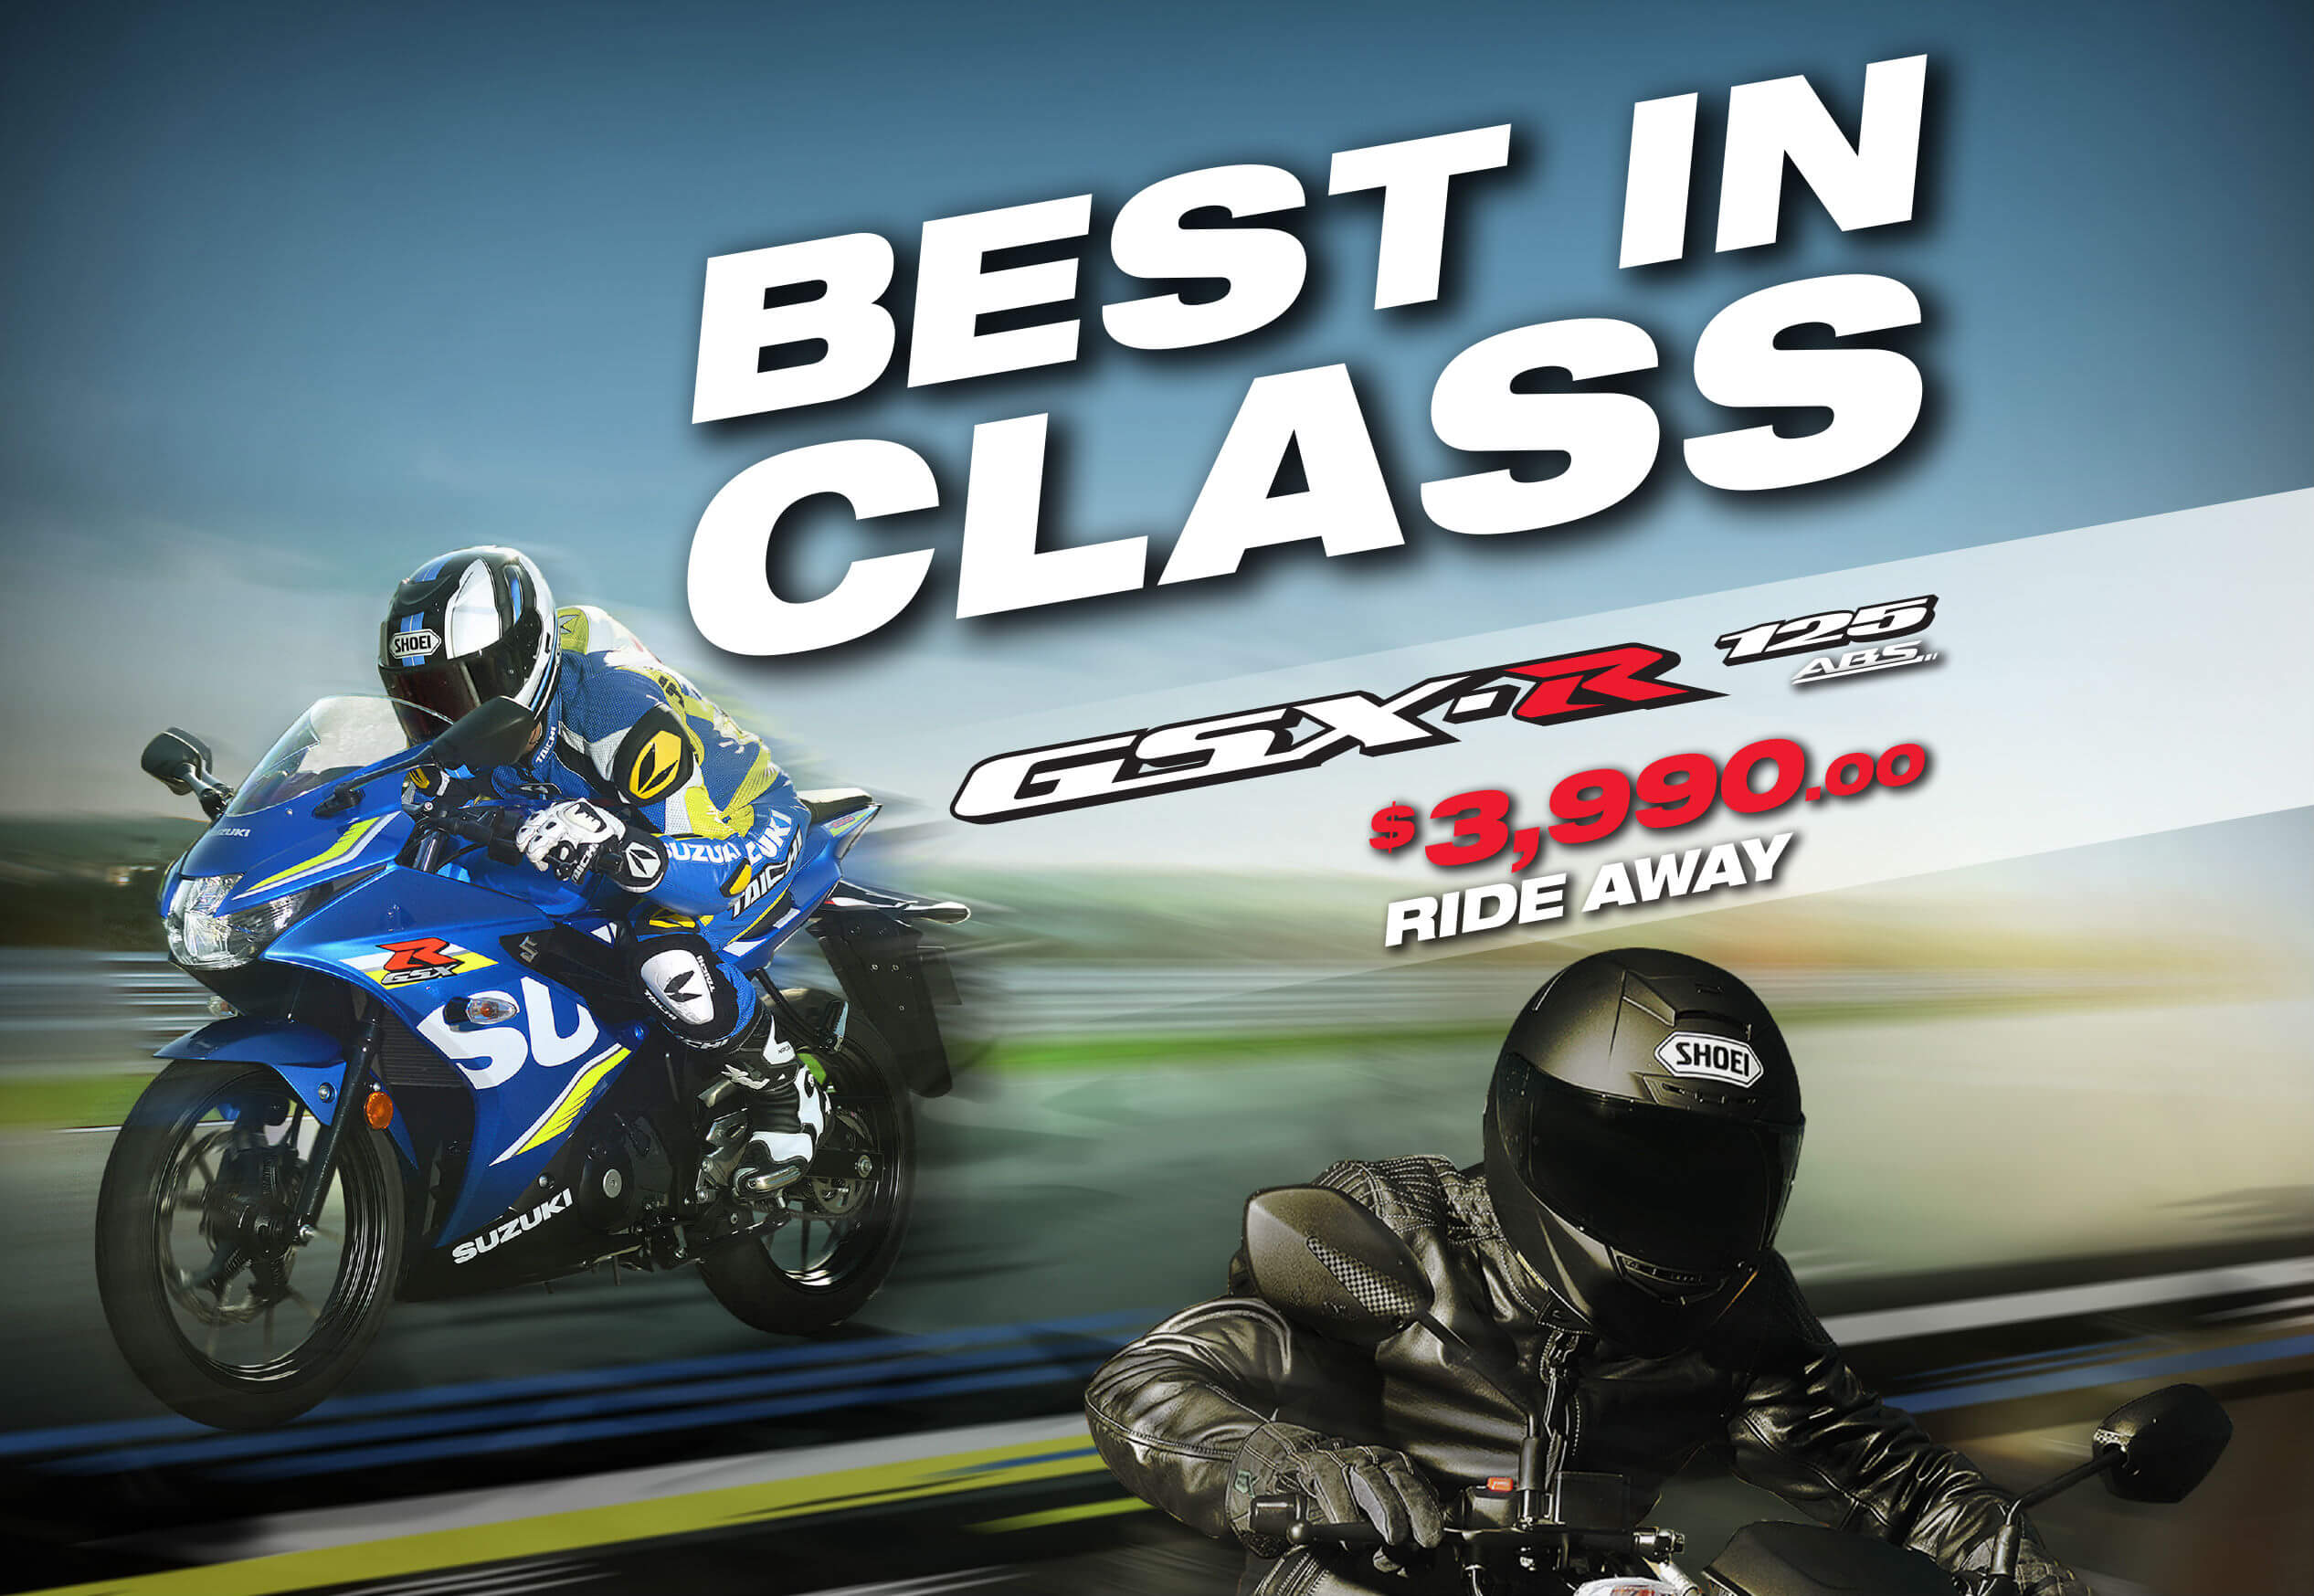 Best In Class GSX-R Suzuki